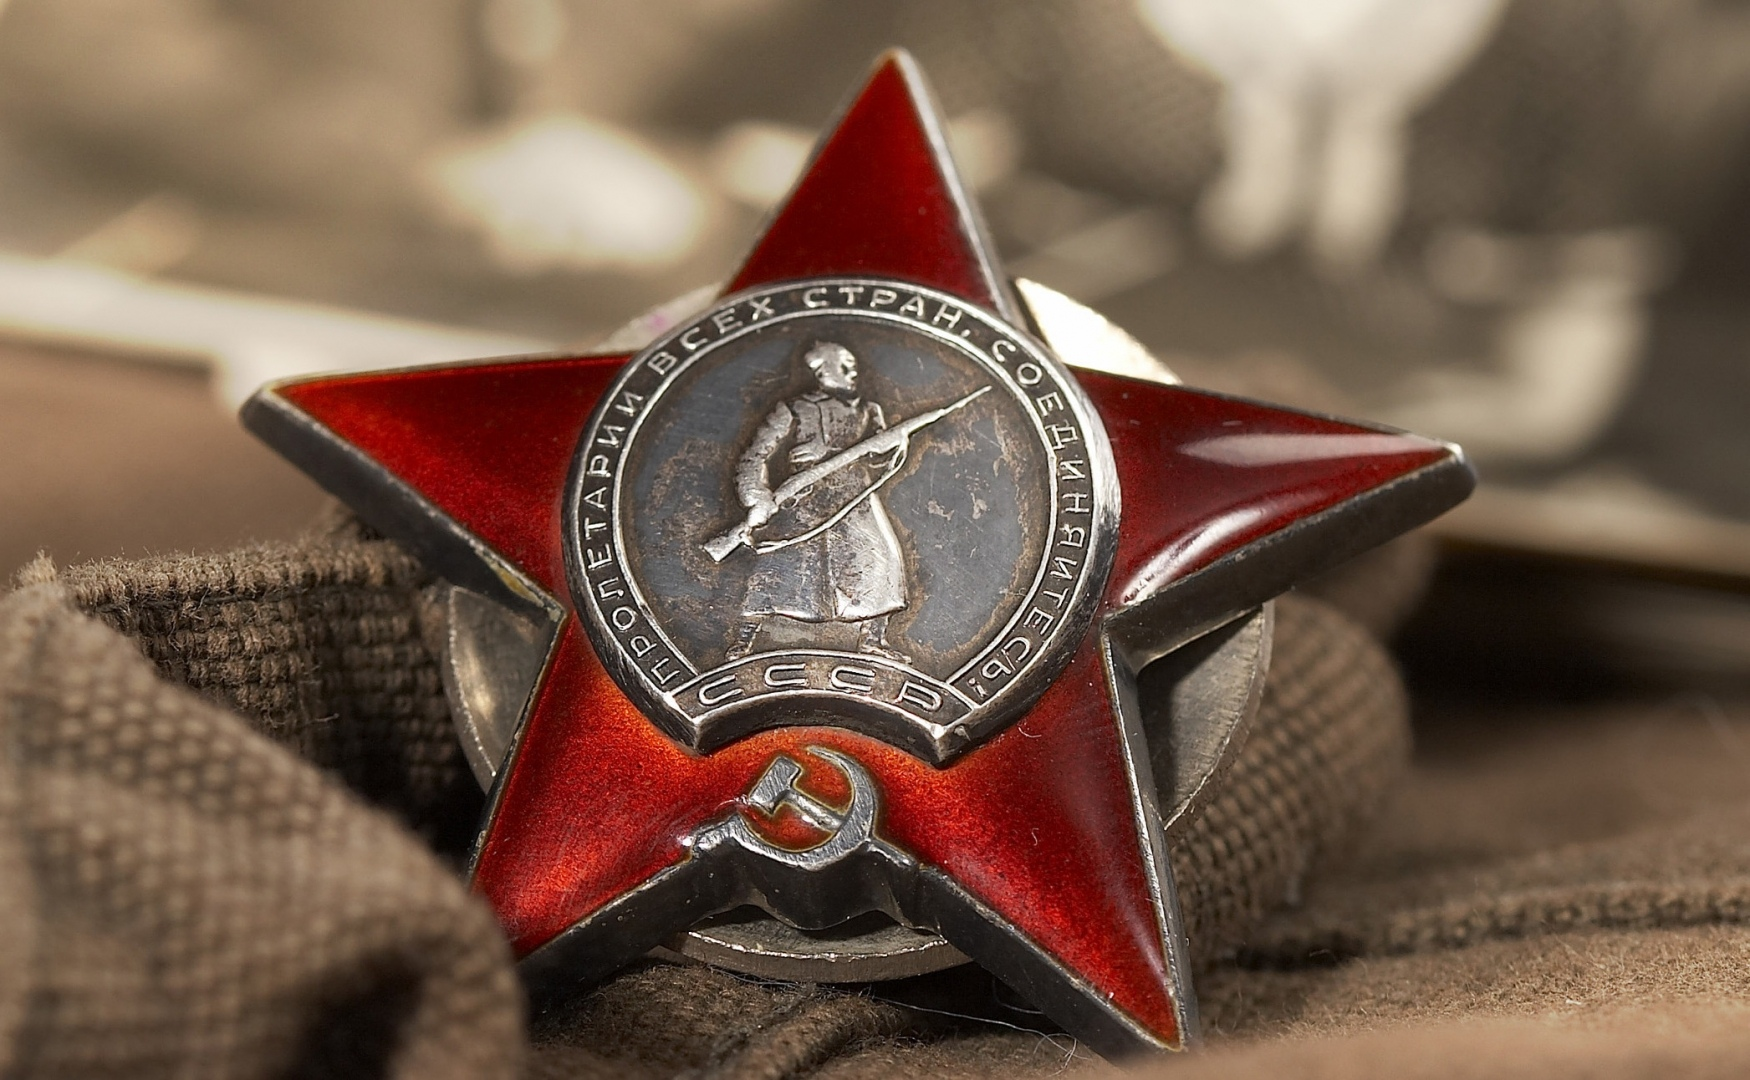 Музей Победы подготовил виртуальную программу памяти героического прошлого нашей Родины на 9 мая